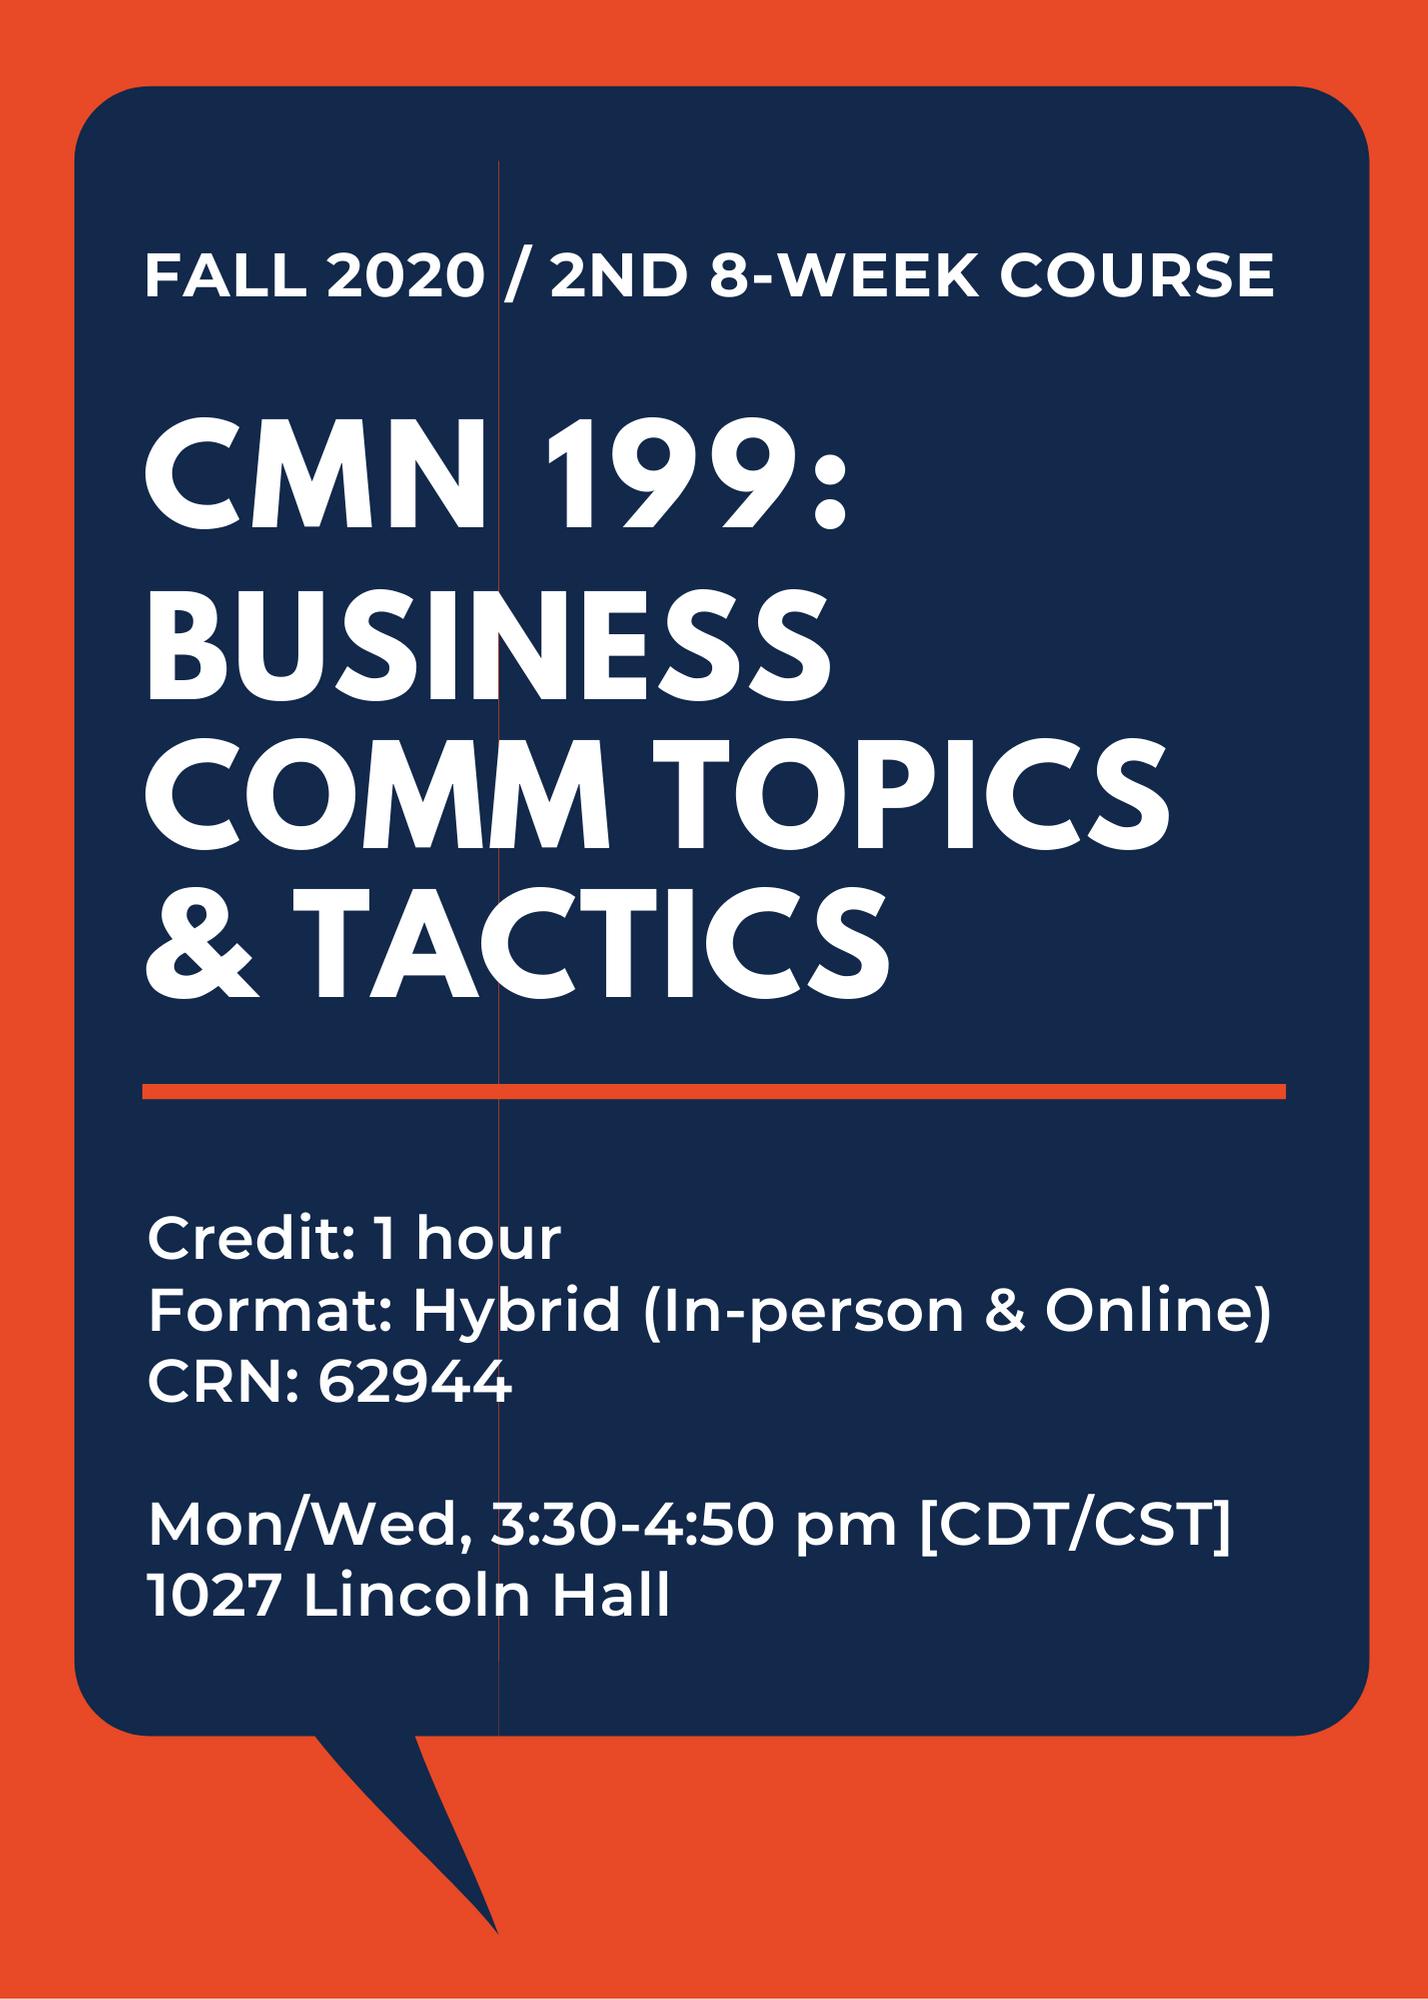 CMN 199: Business Communication Topics & Tactics